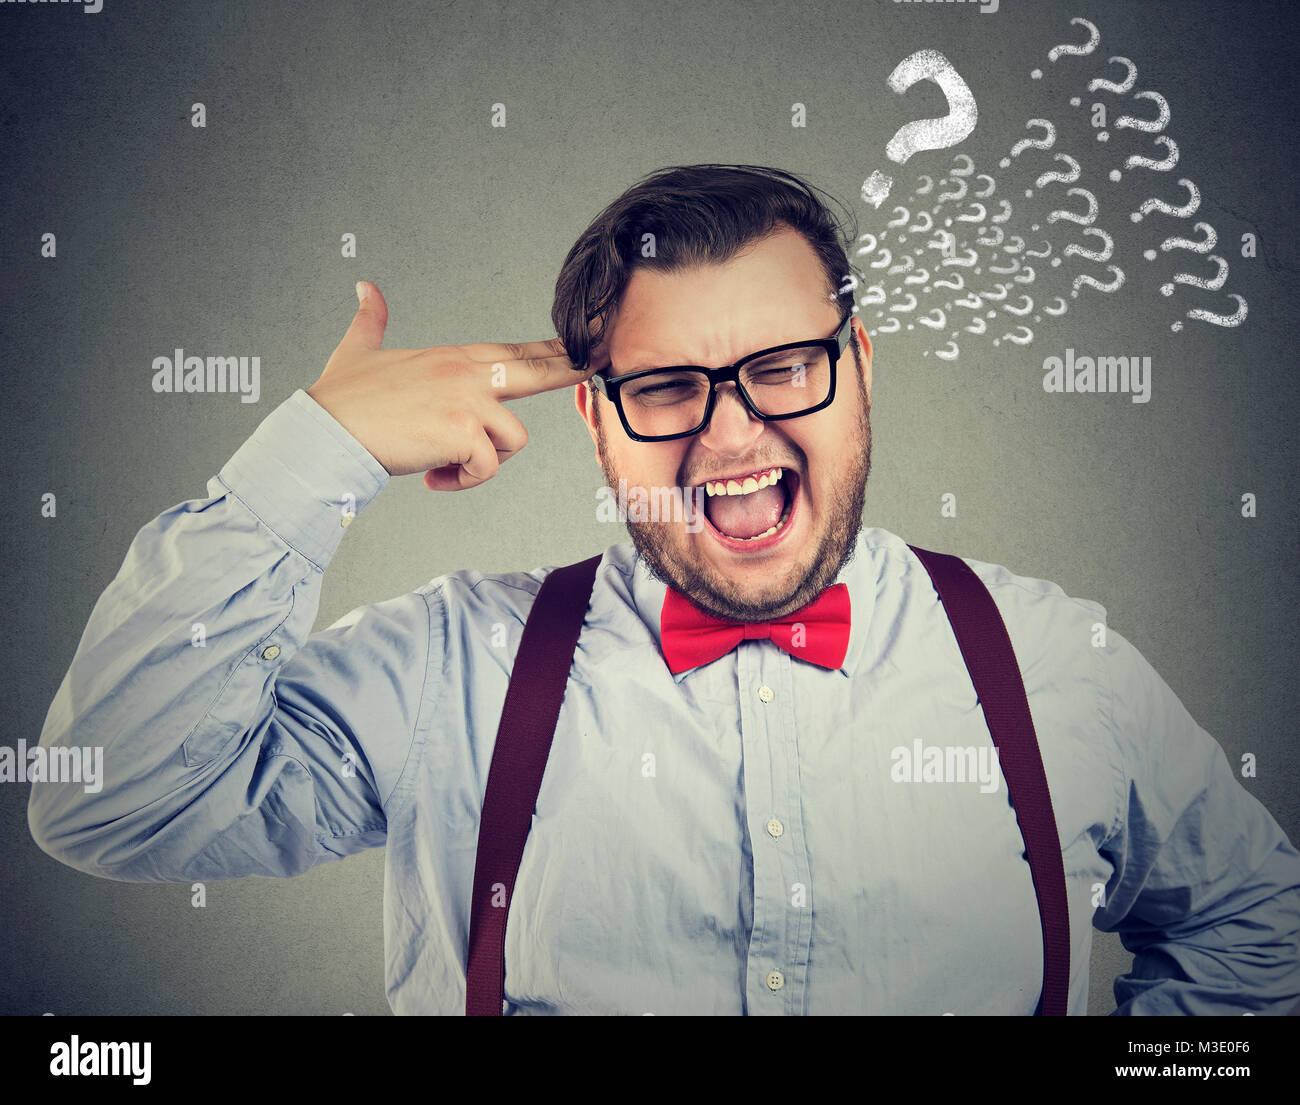 Frechen Mann in Bow-tie-holding Finger Tempel suchen besorgt mit Fragen. Stockbild